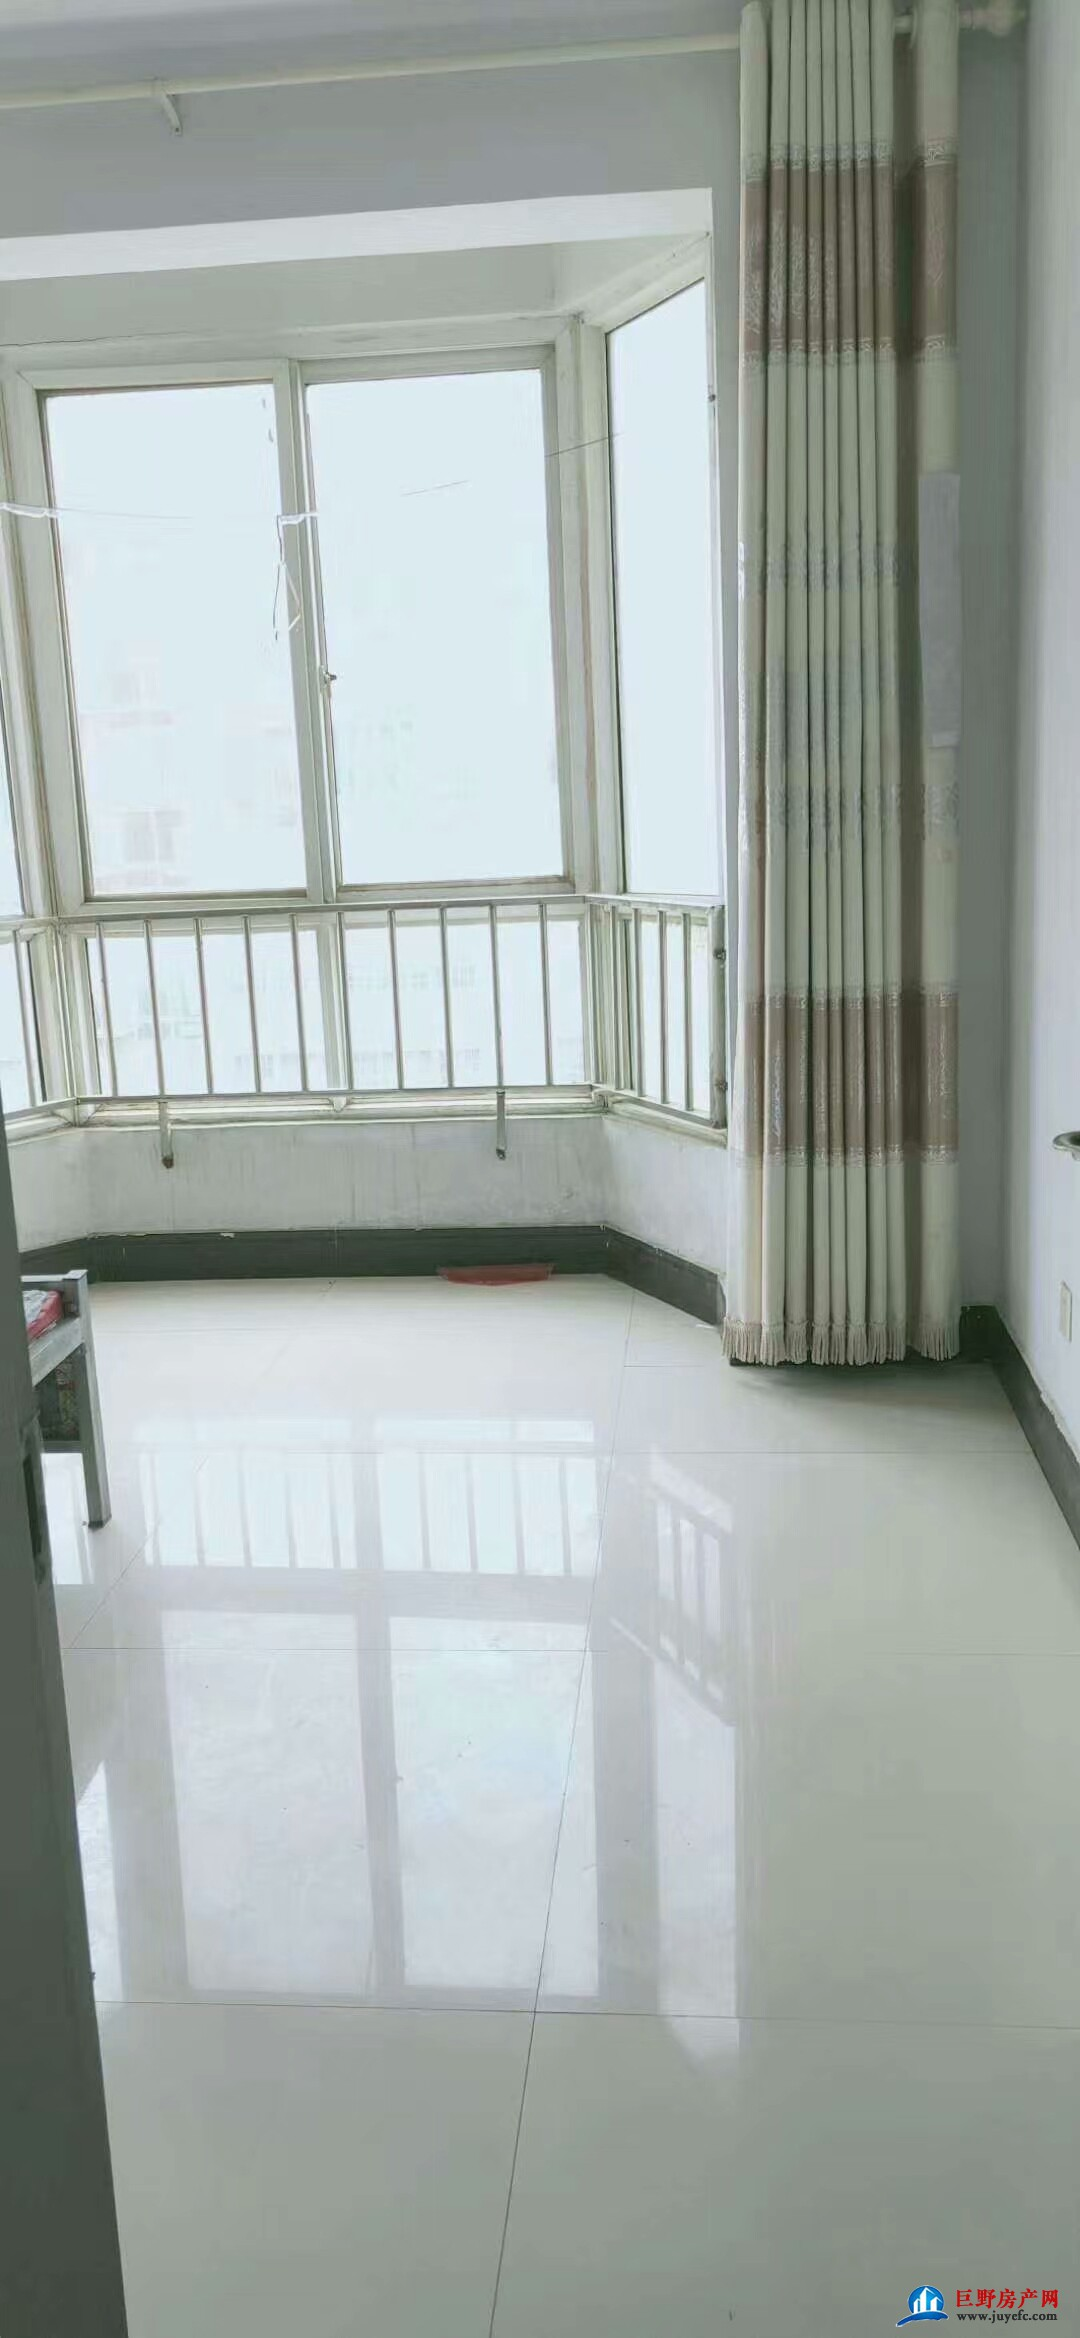 凤凰城步梯五楼120平带车库27平简单装修三室两厅两卫45万有证